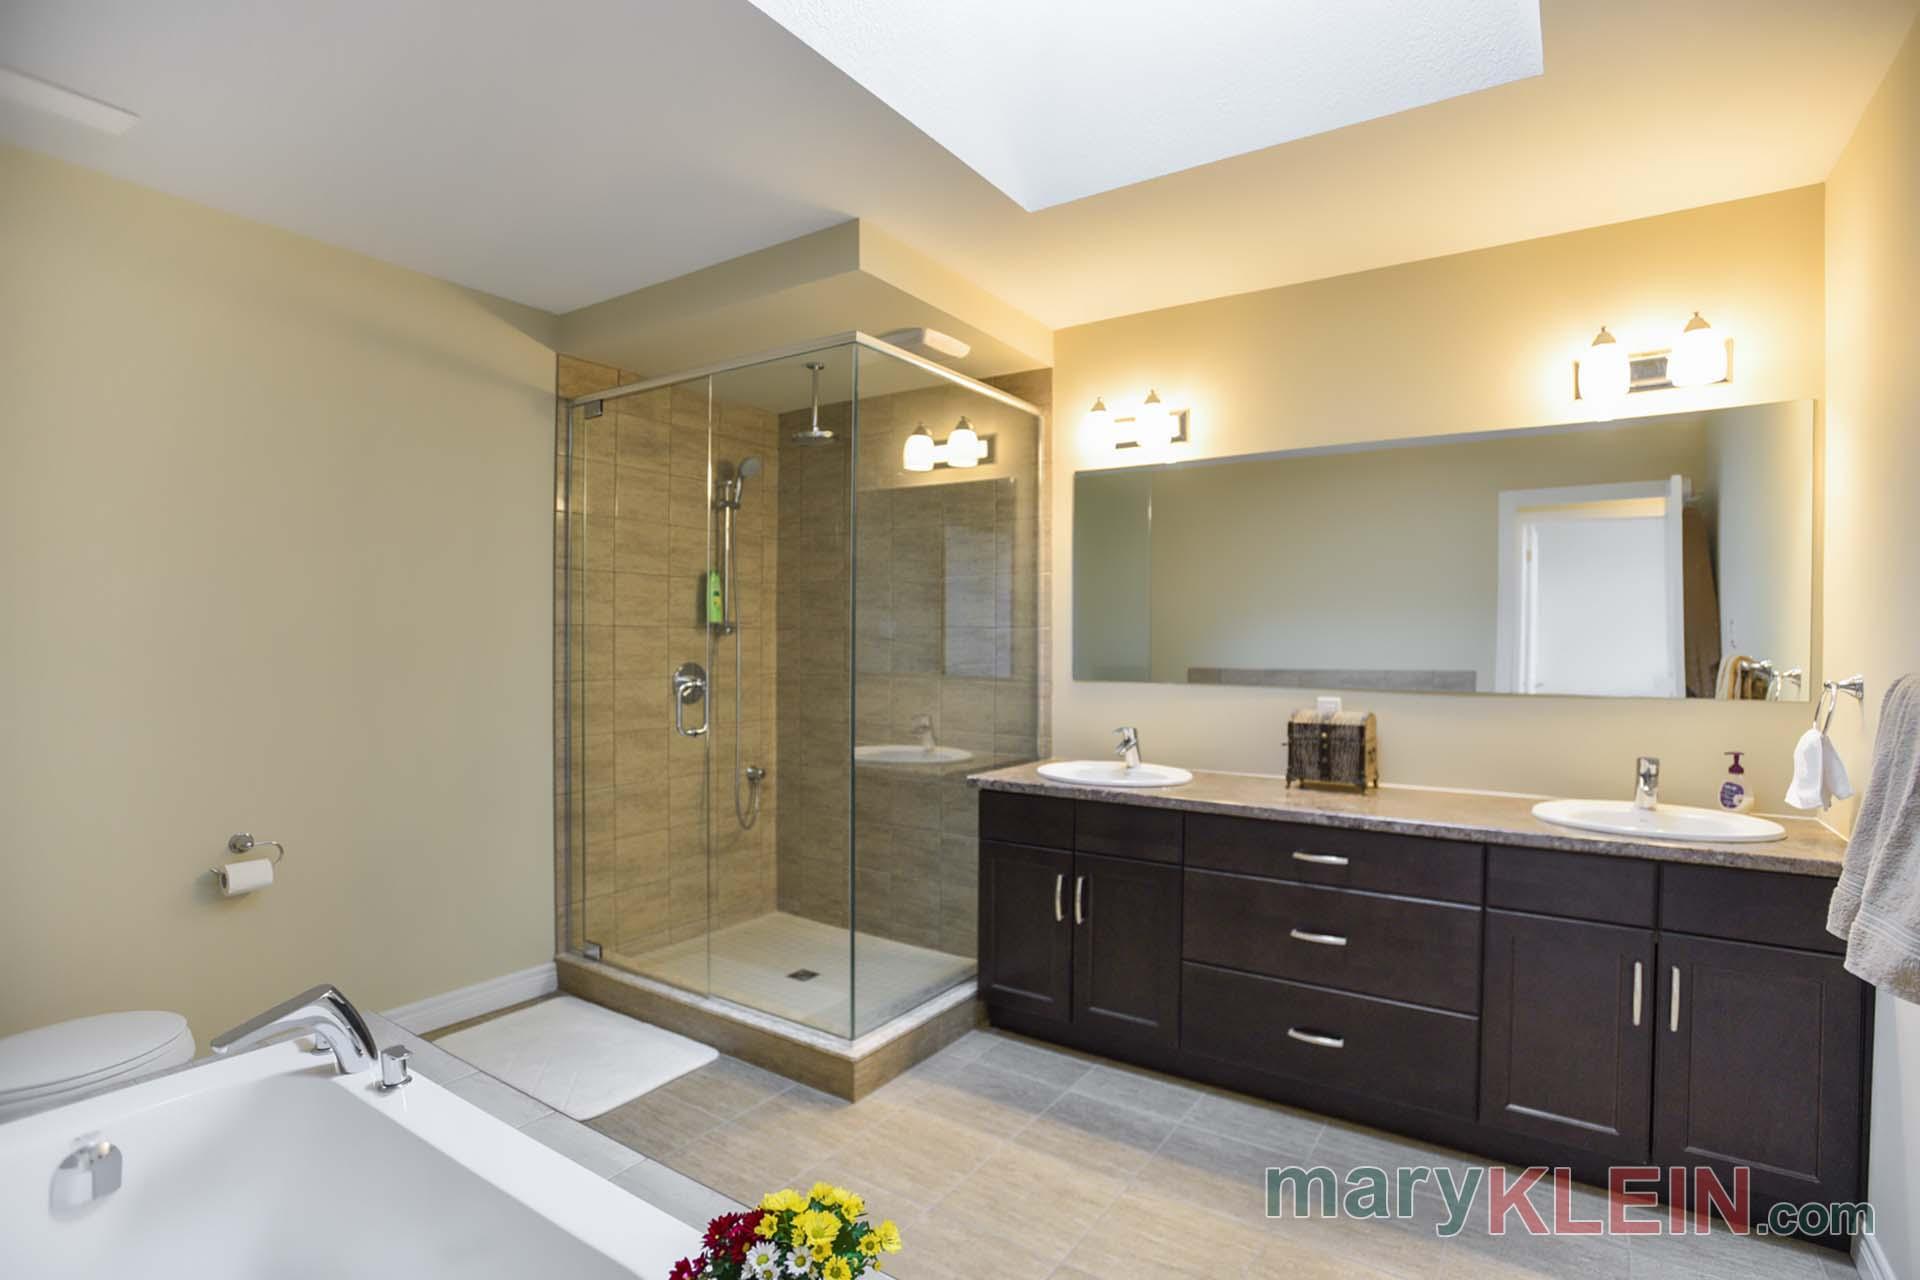 Spa Bathroom, 5 Piece